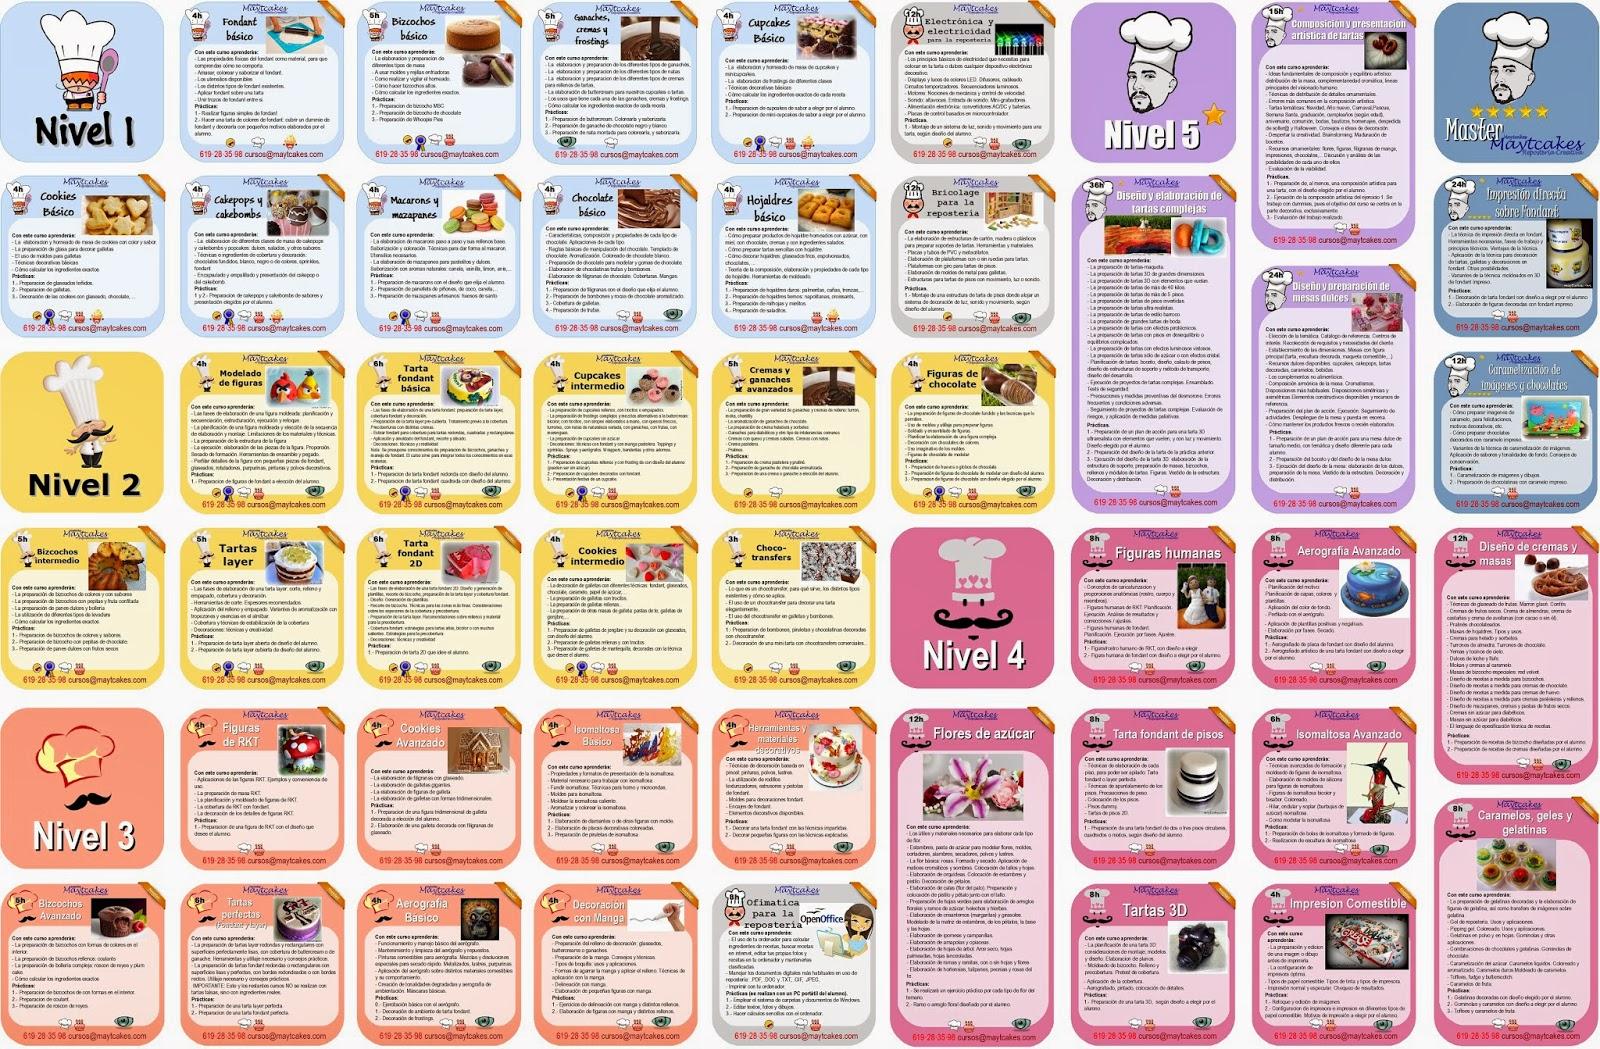 Maytcakes ingenieria repostera creativa i r c - Ingredientes reposteria creativa ...